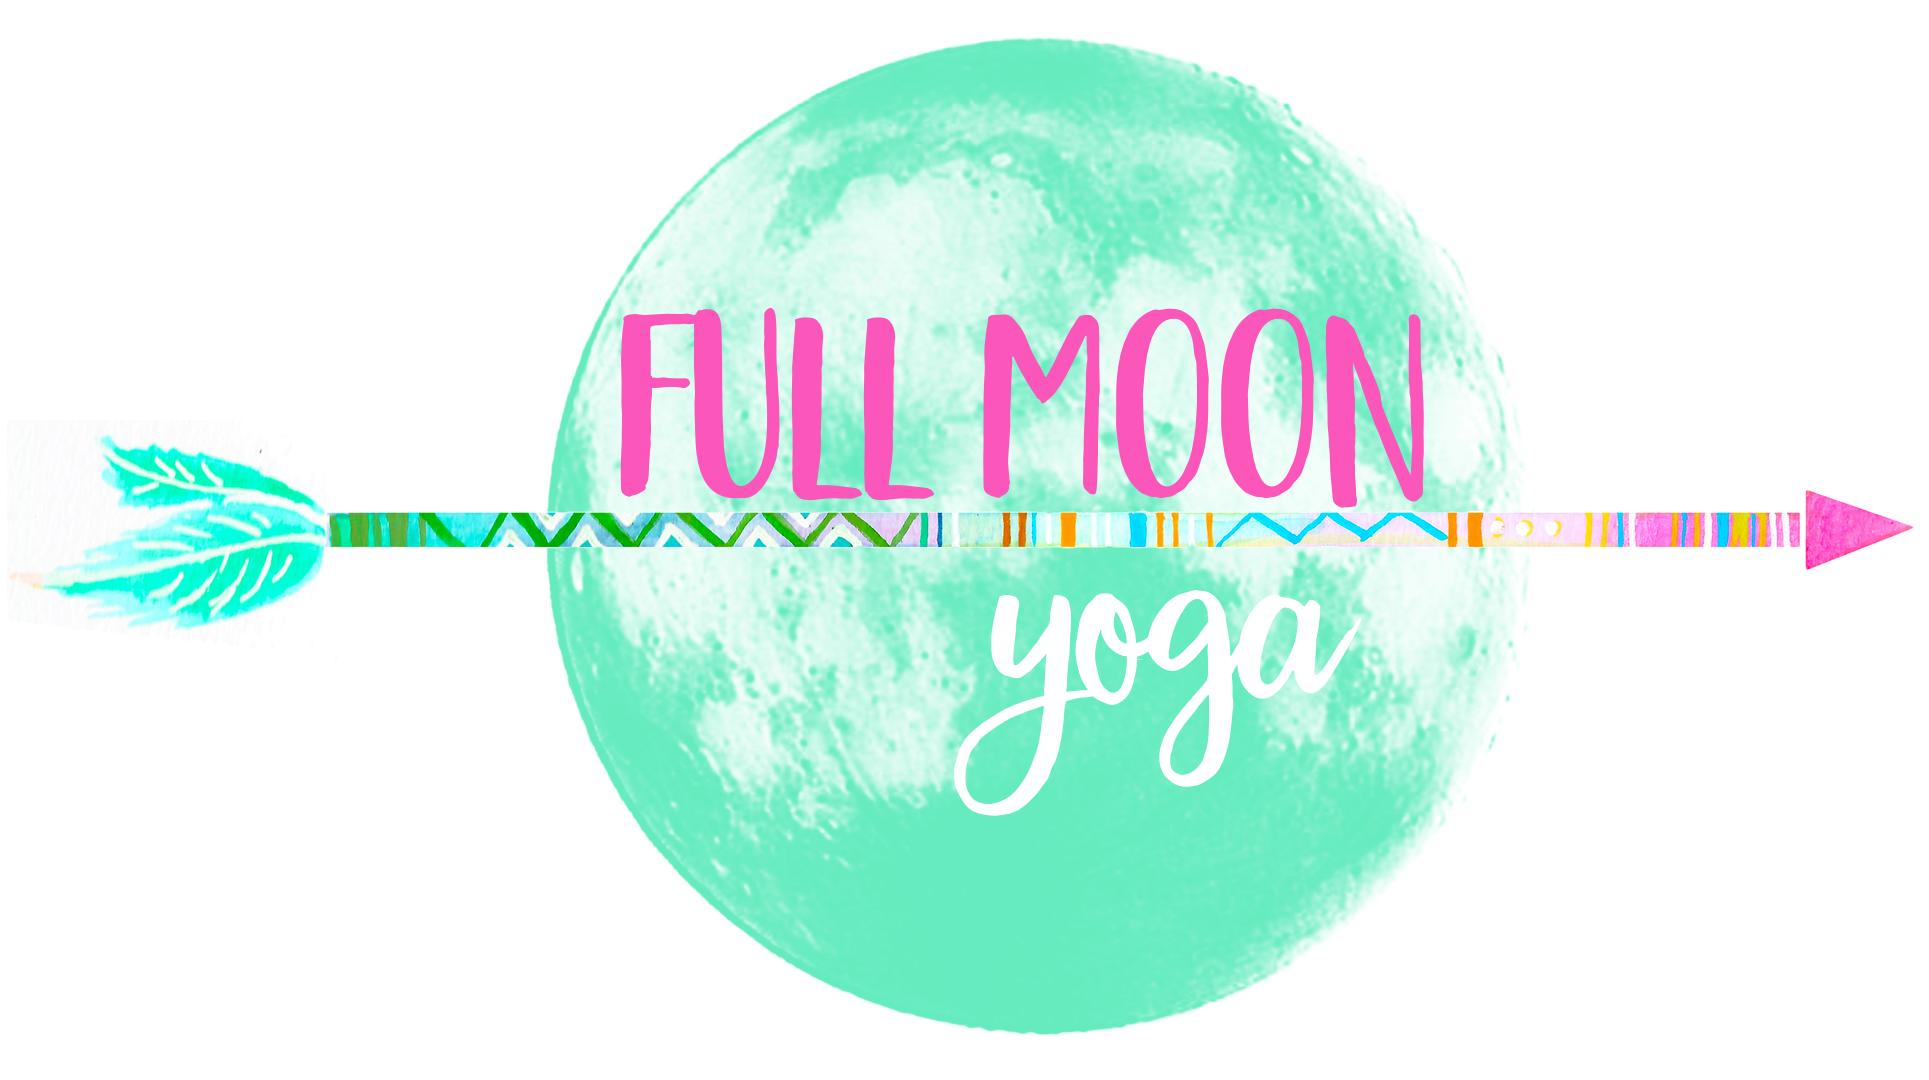 alis living, full moon, full moon yoga, lunar phases